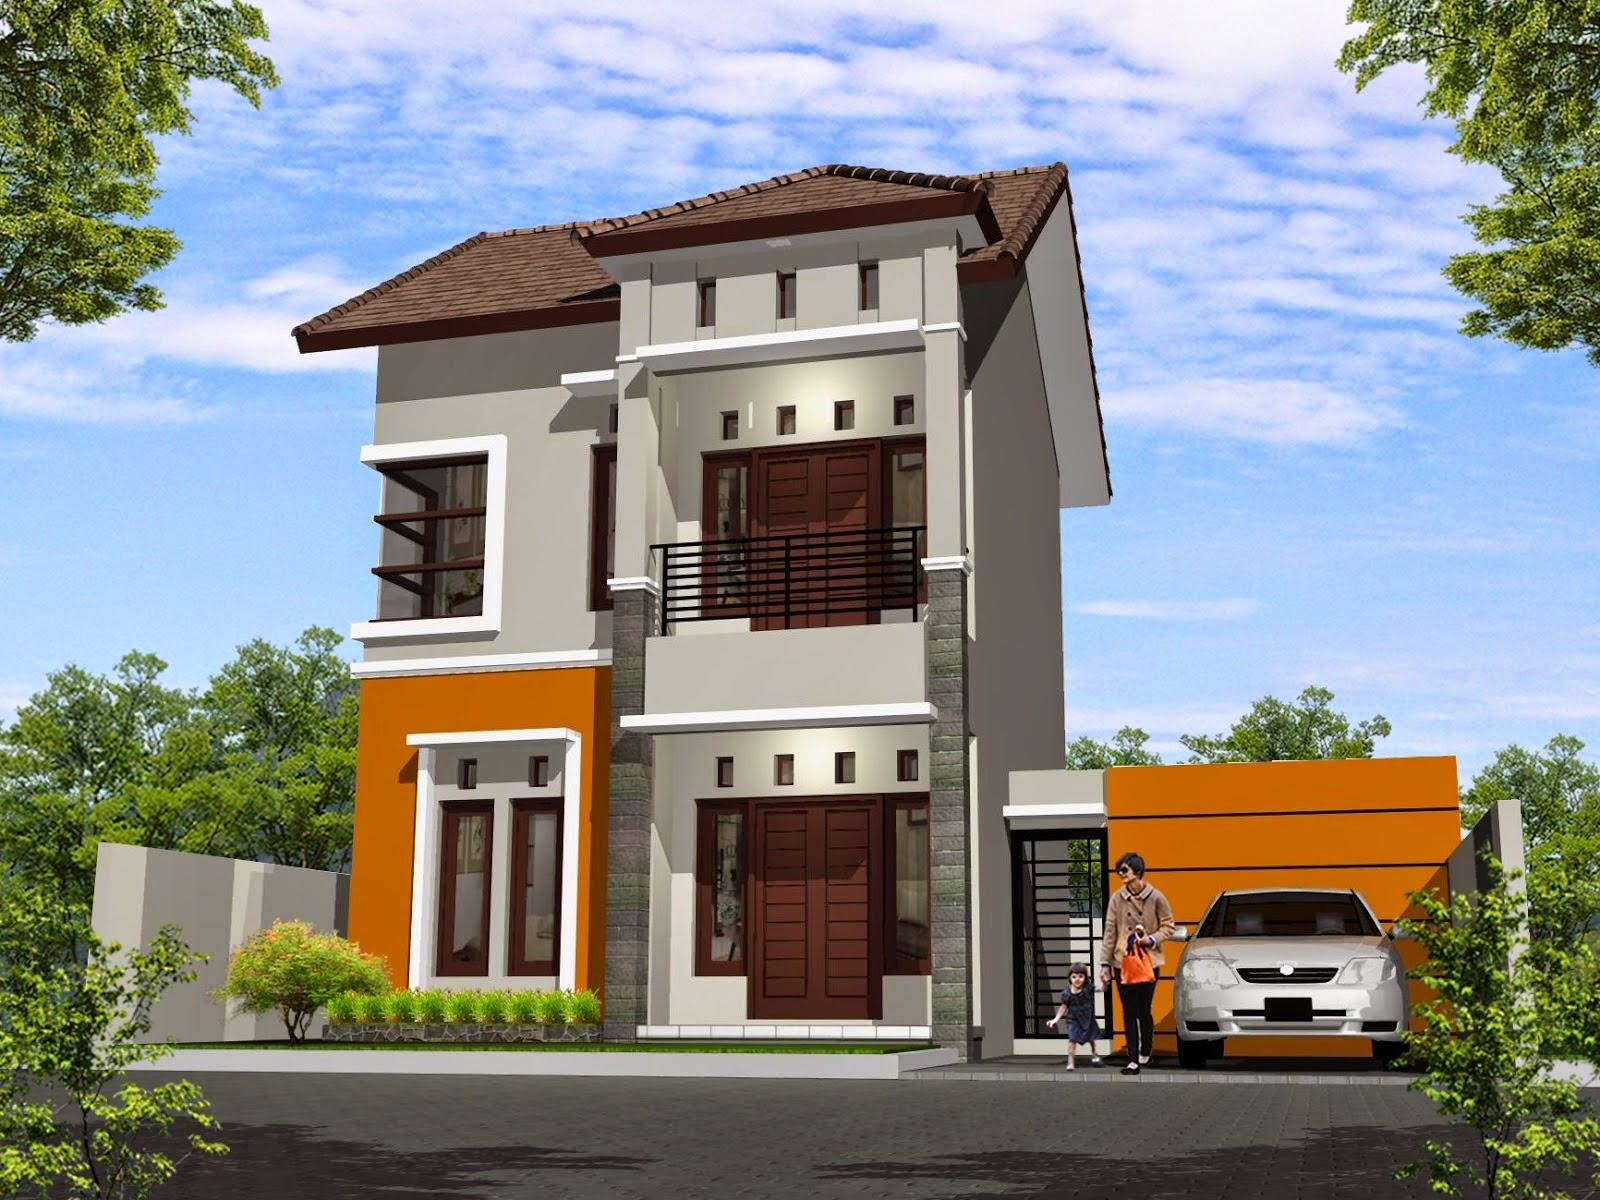 Contoh Contoh Model Rumah Minimalis 2 Lantai Kumpulan Model